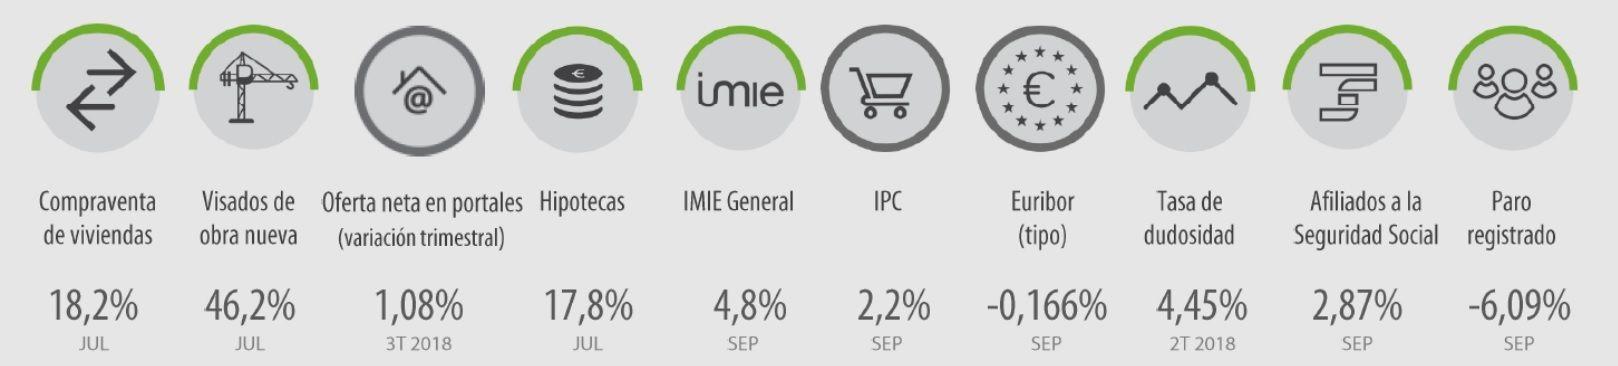 evolucion interanual IMIE septiembre 2018